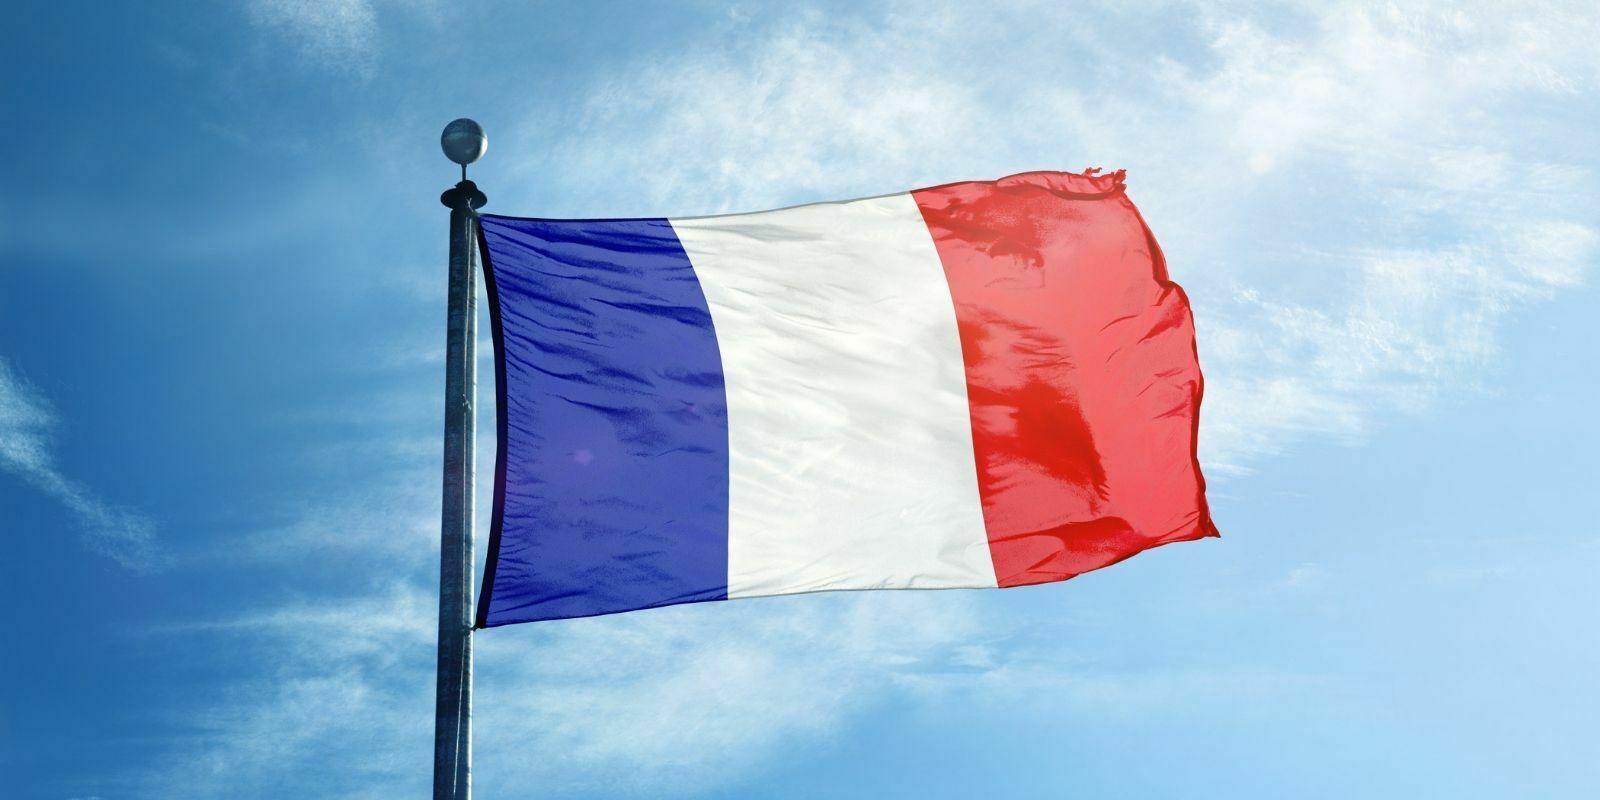 Wavestone identifie 74 startups blockchain françaises